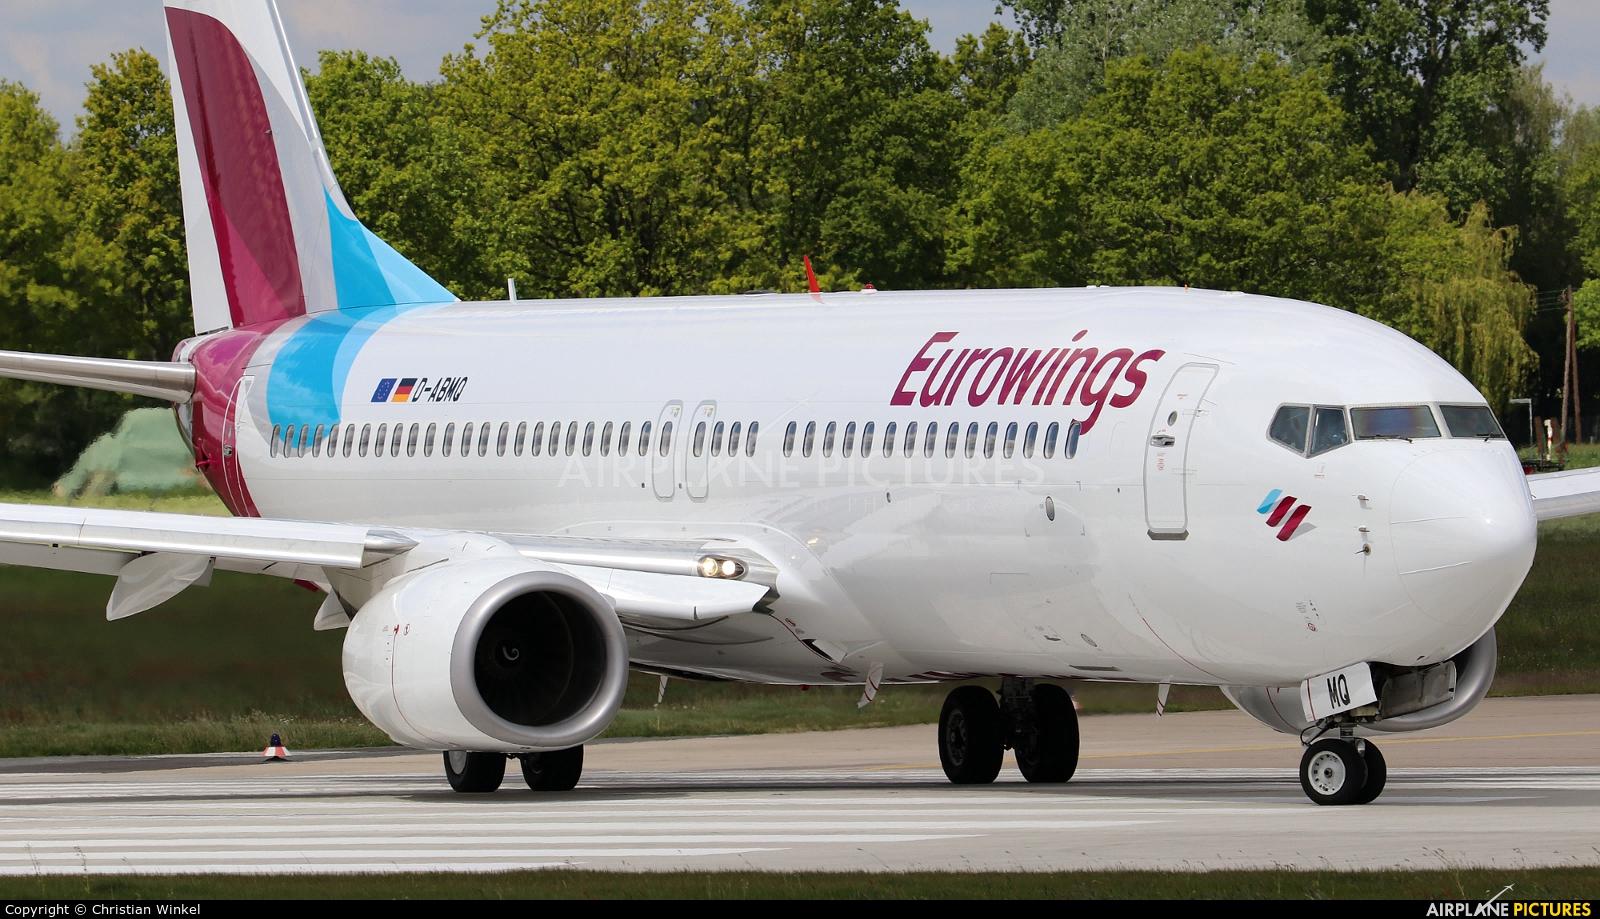 Eurowings D-ABMQ aircraft at Hannover - Langenhagen